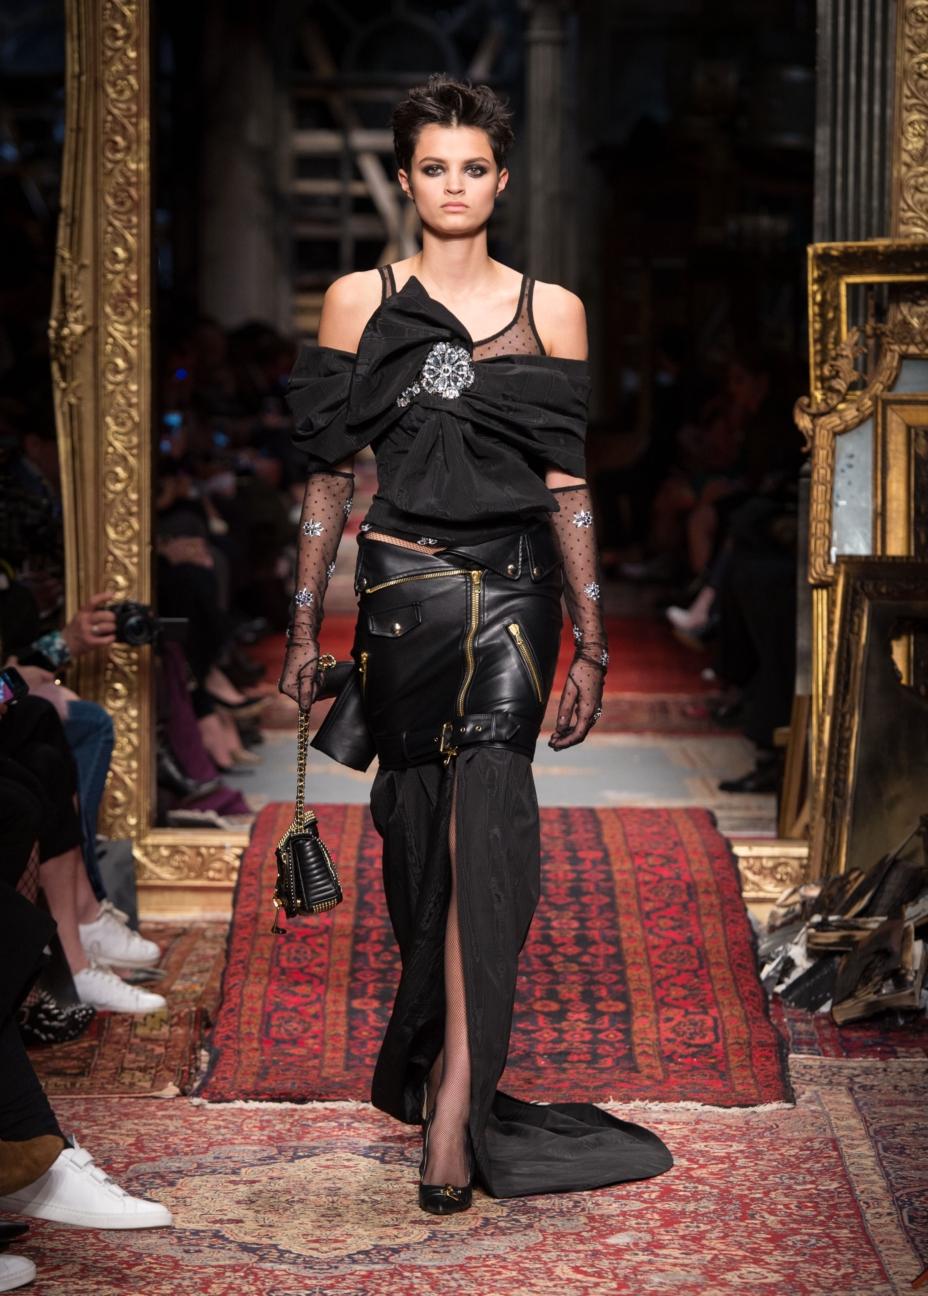 moschino-milan-fashion-week-aw-16-10